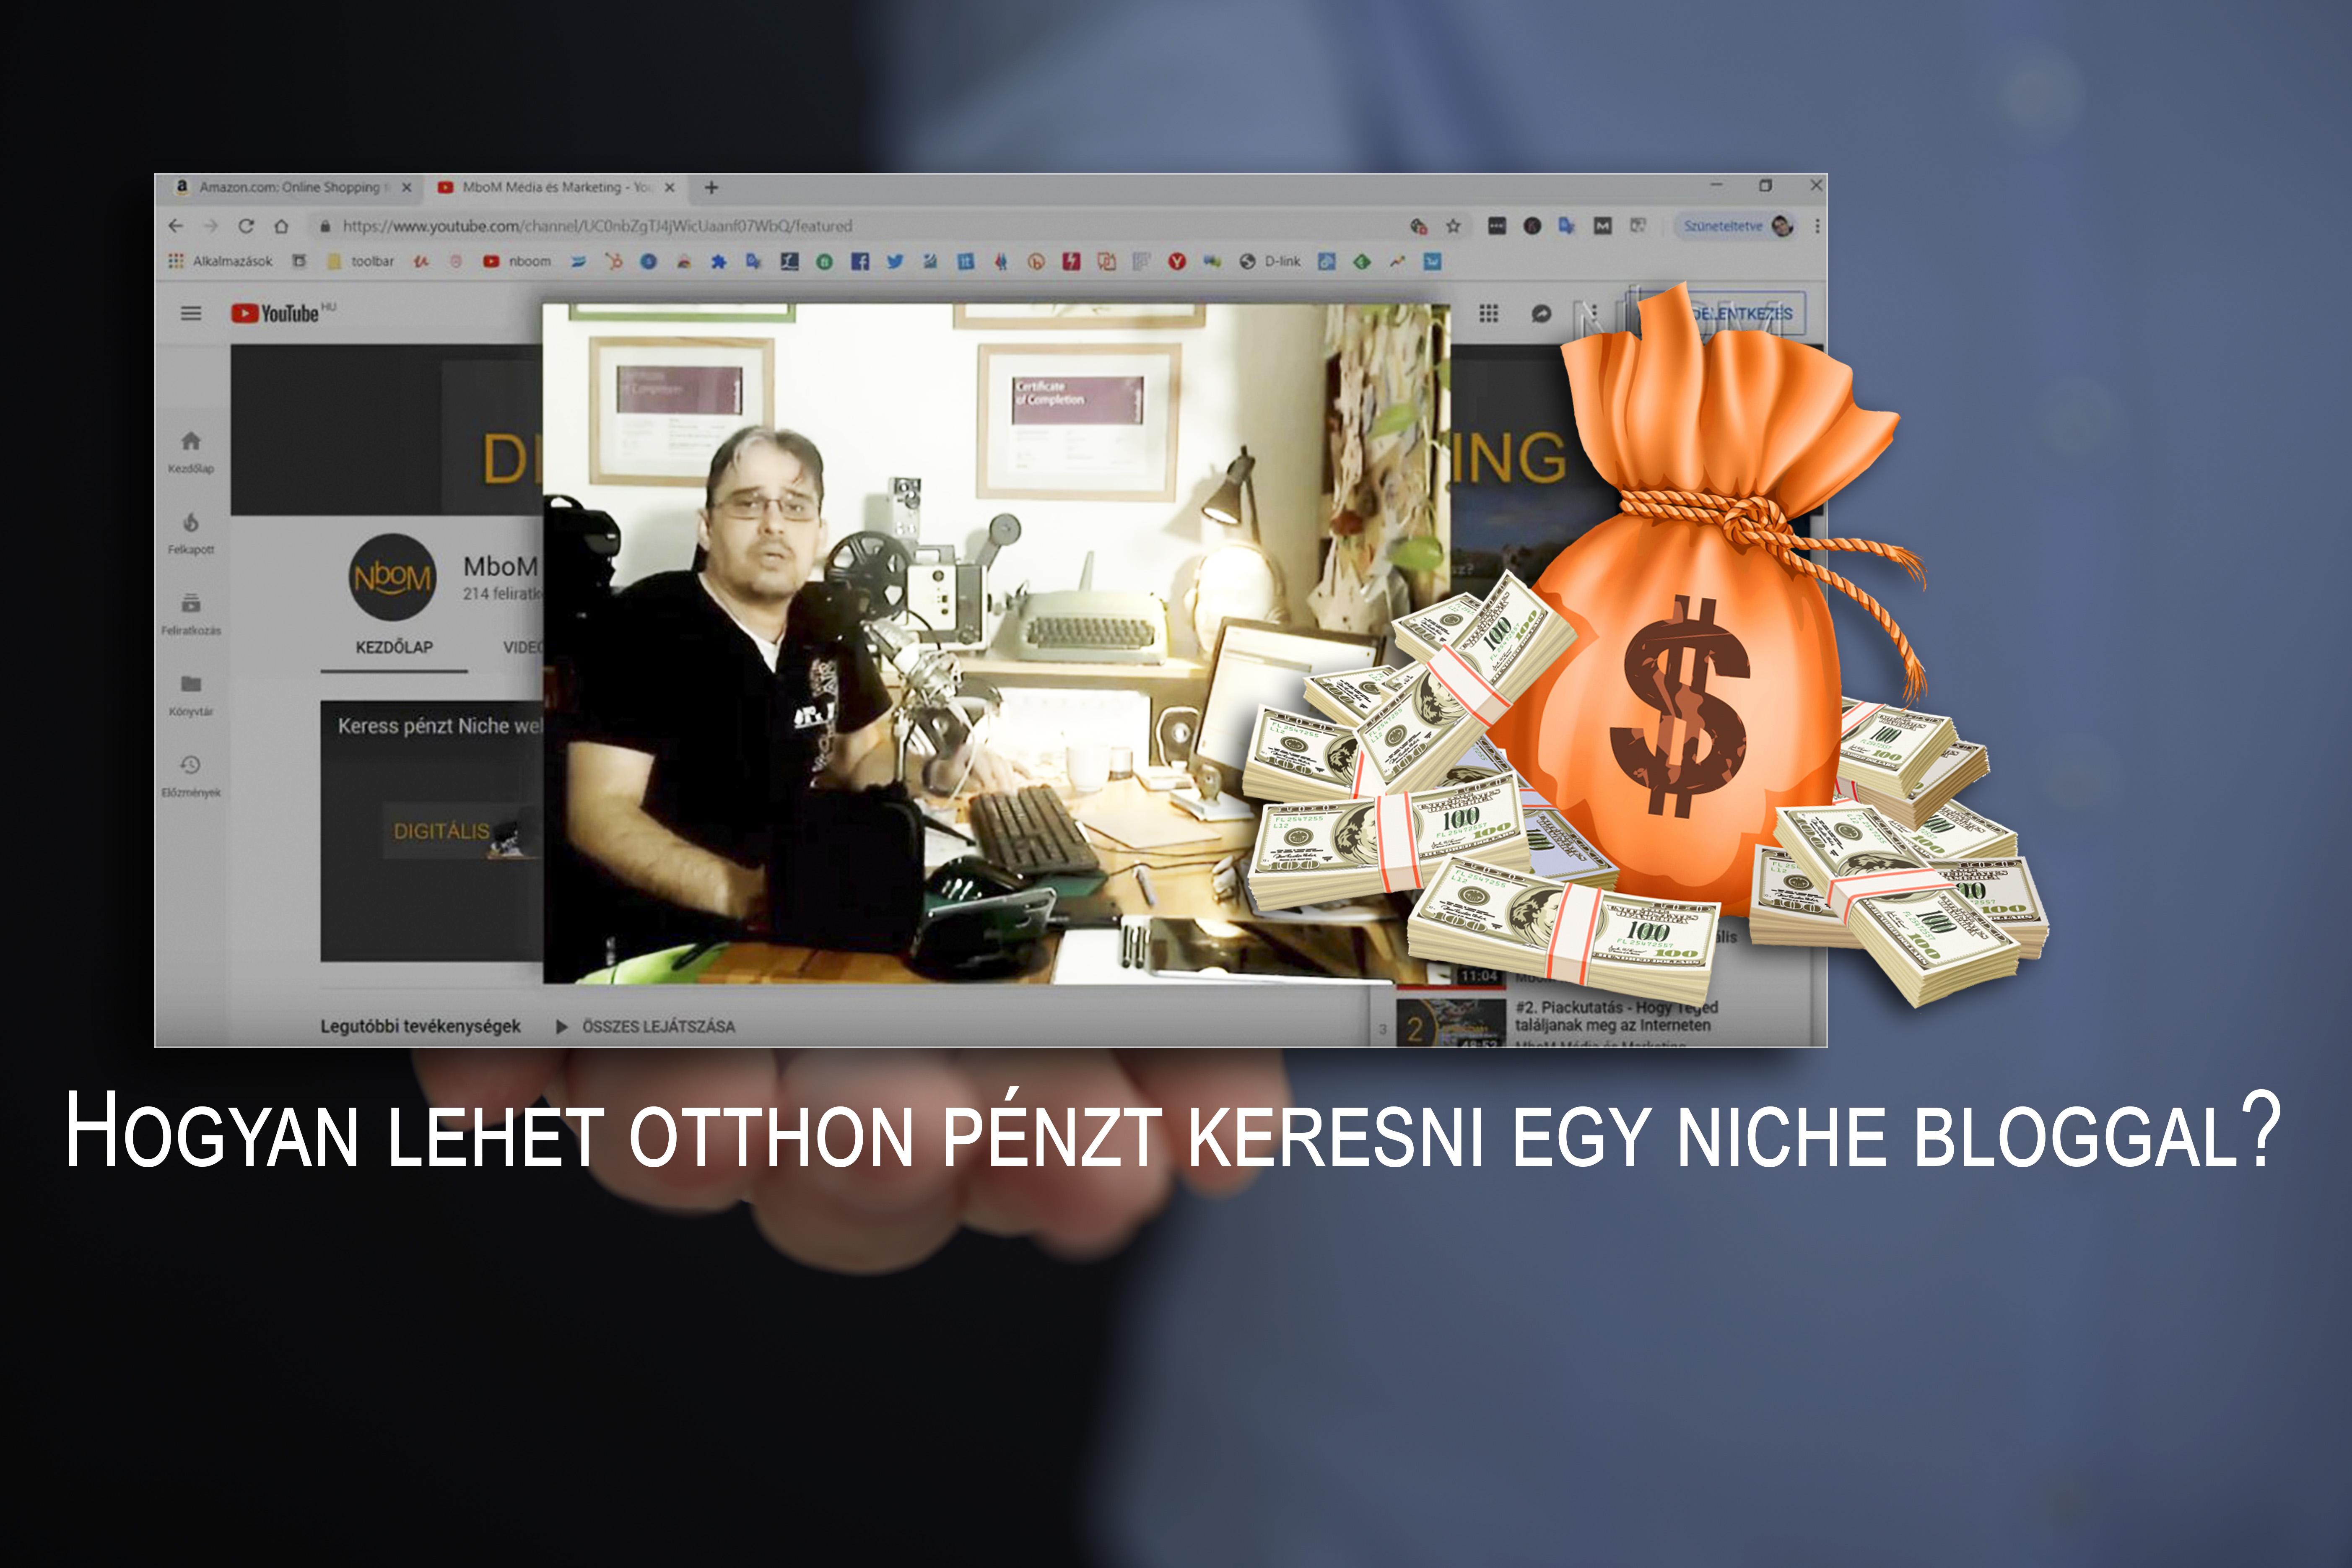 melyik oldalon keresztül lehet pénzt keresni ahol pénzt lehet keresni pénzátutalással